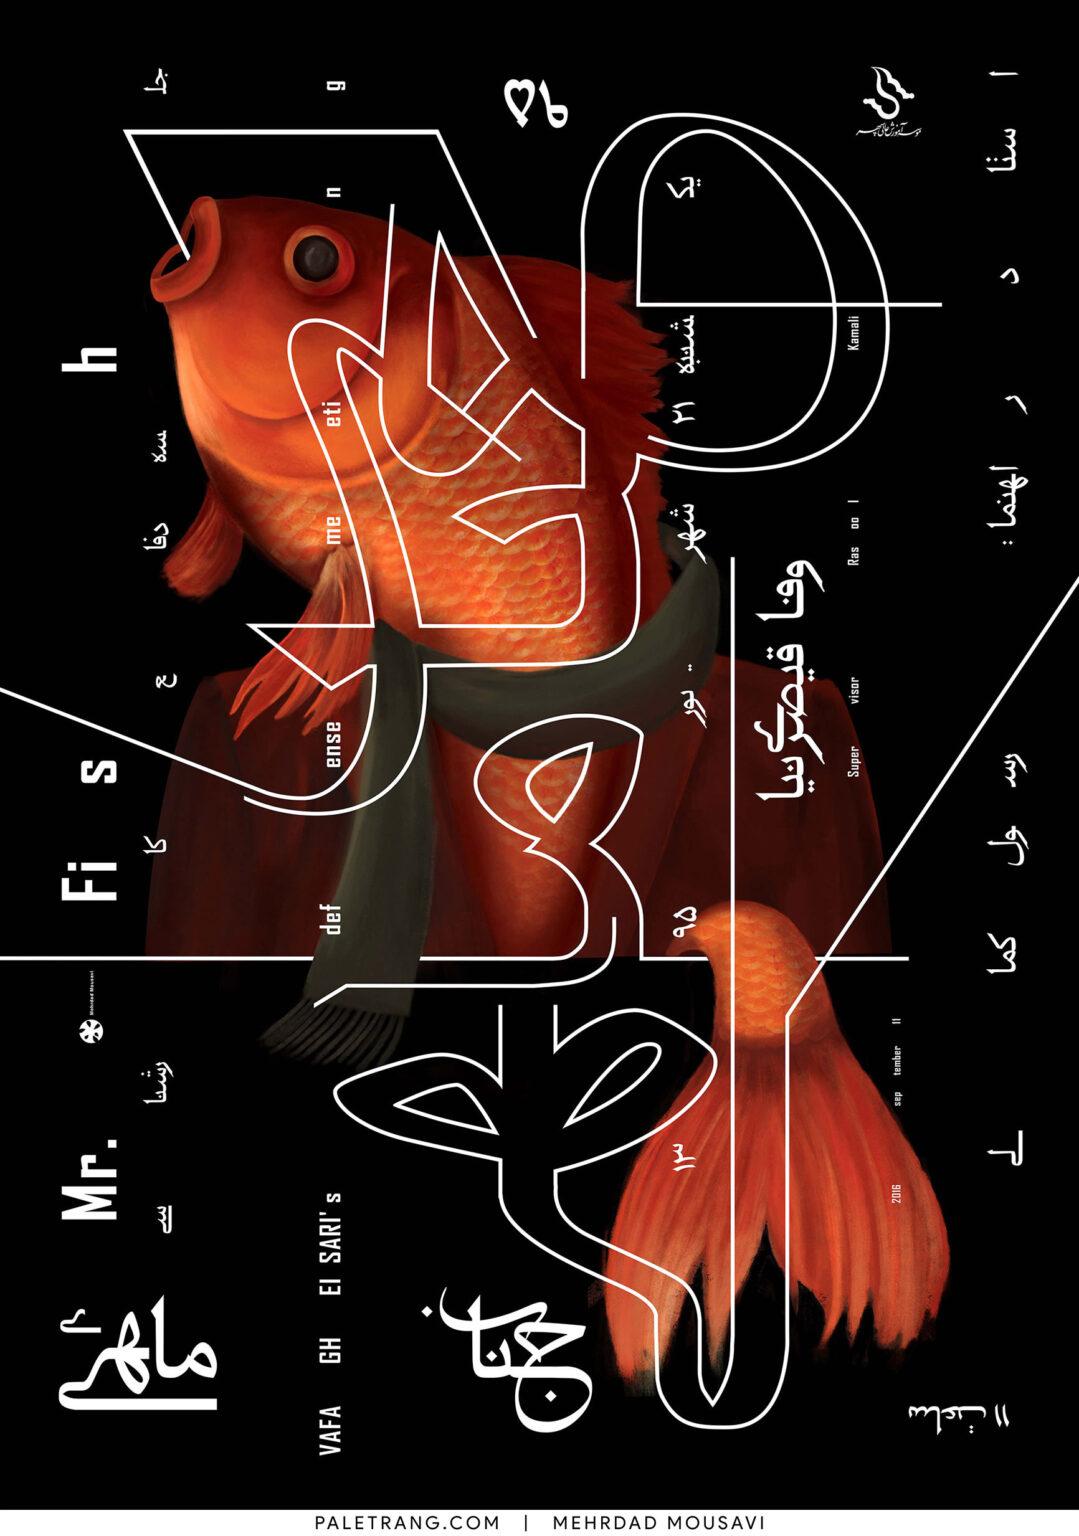 نمایشگاه جناب ماهی اثر مهرداد موسوی